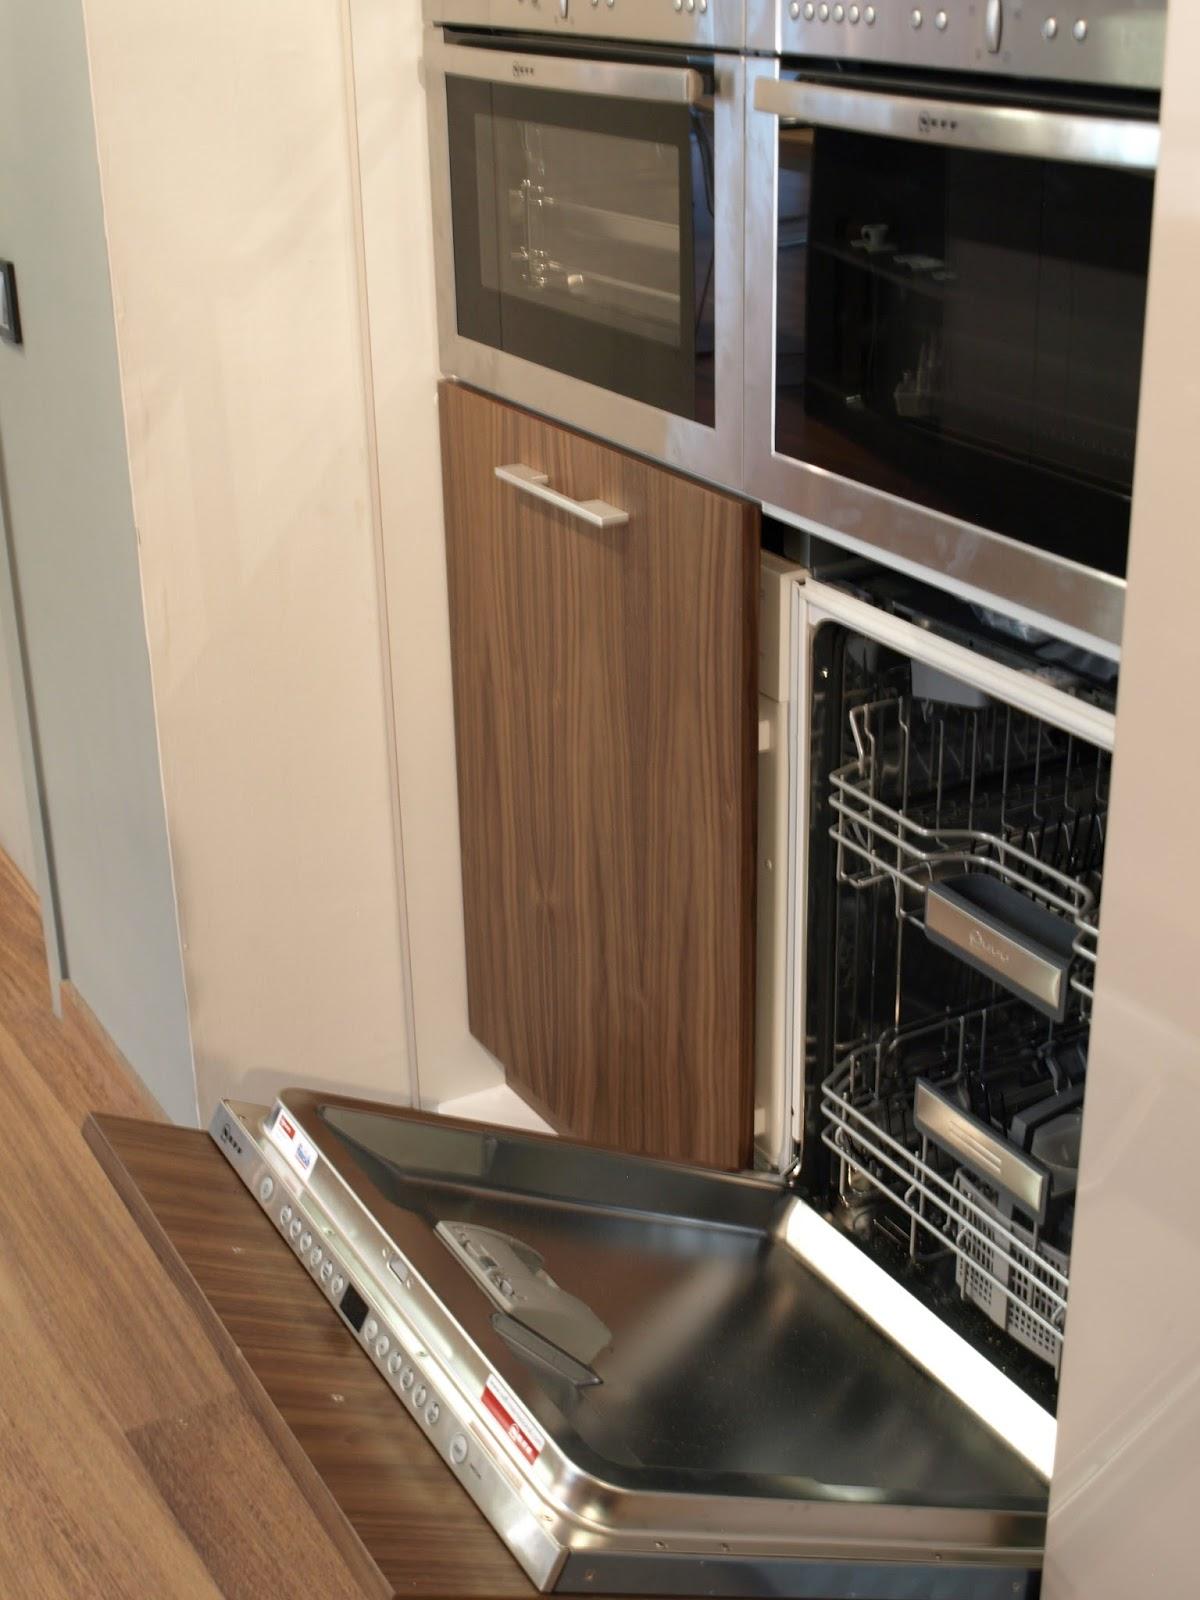 Integraci n de mobiliario de cocina y hogar for Mueble para lavadora y lavavajillas